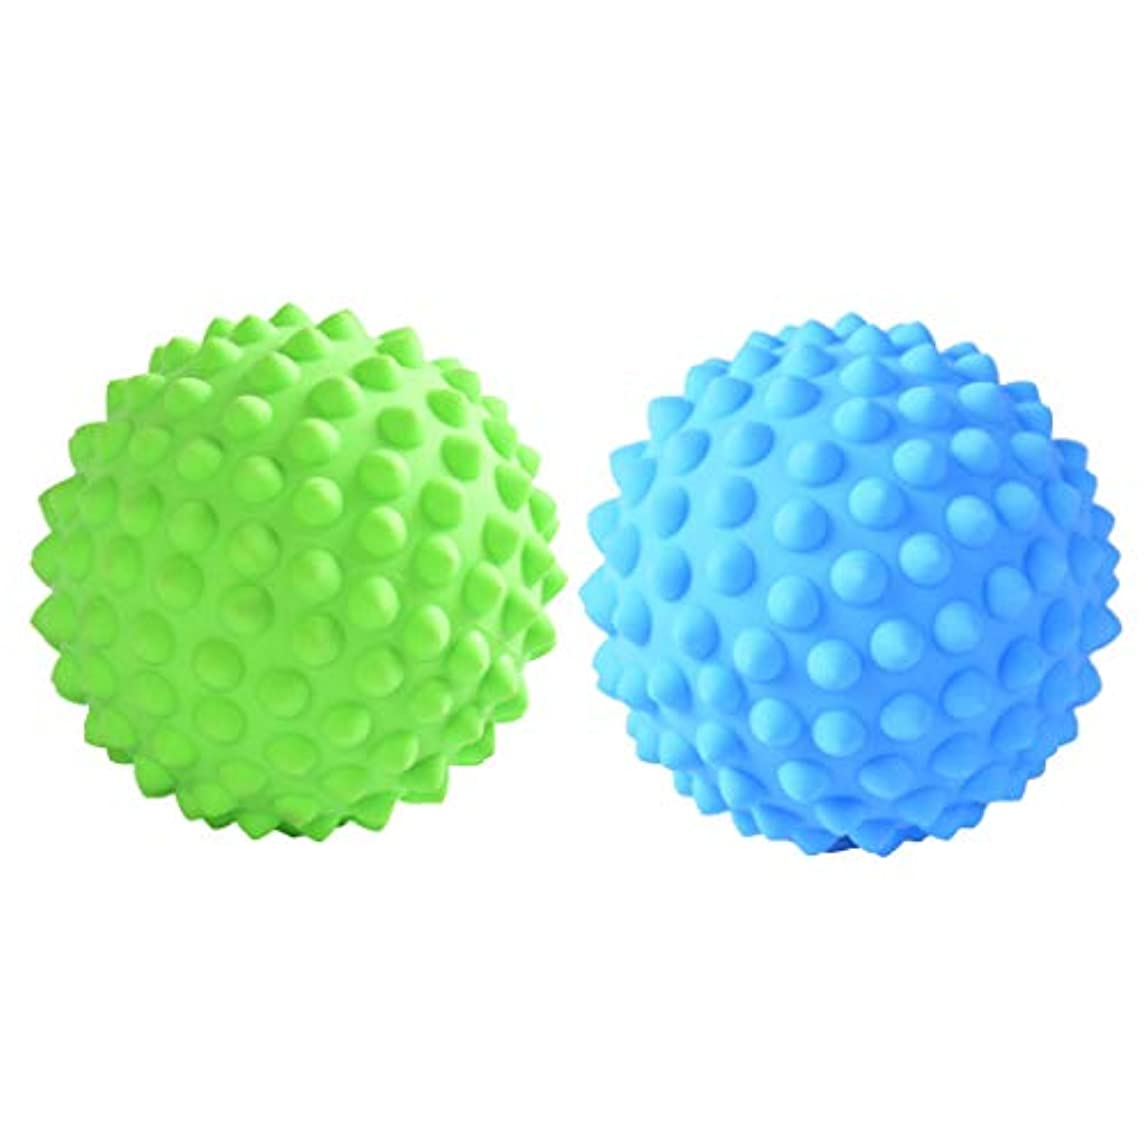 機動迷彩モザイクマッサージローラーボール 指圧ボール トリガーポイント疲れ解消ボール ヨガ疲労軽減 筋膜リリース2個